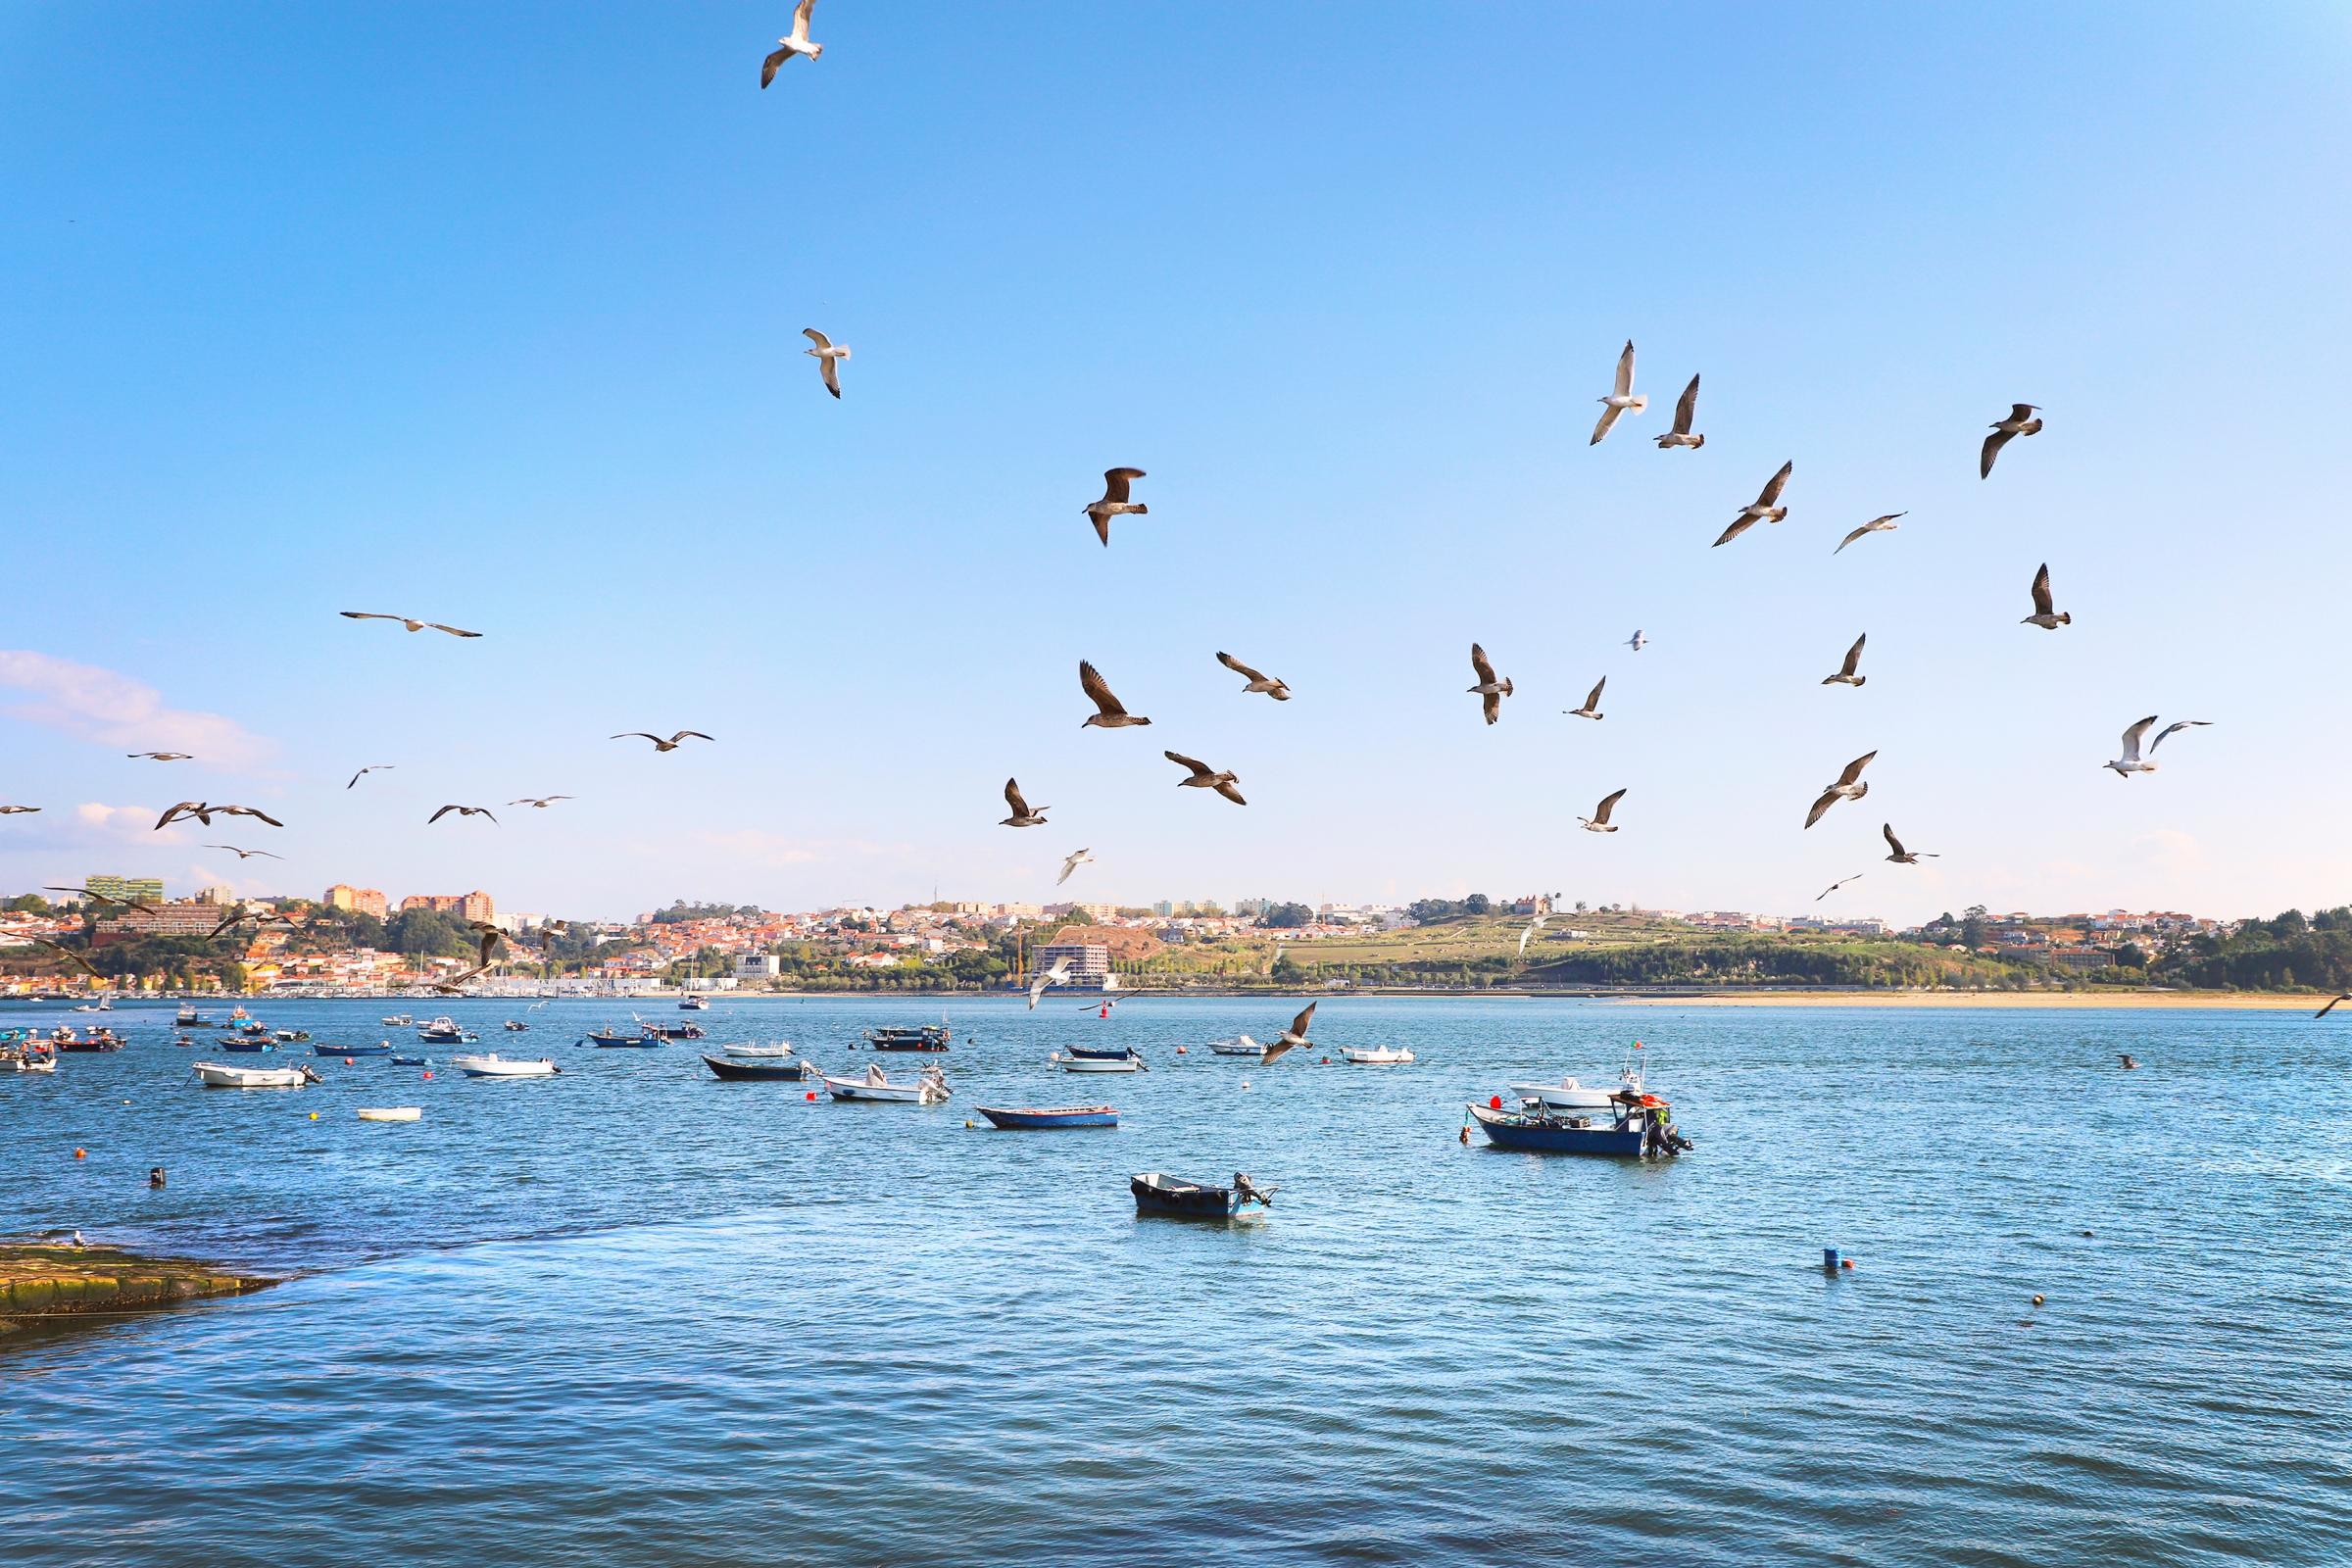 אלבטרוסים נמשכים לסירות דייג | shutterstock